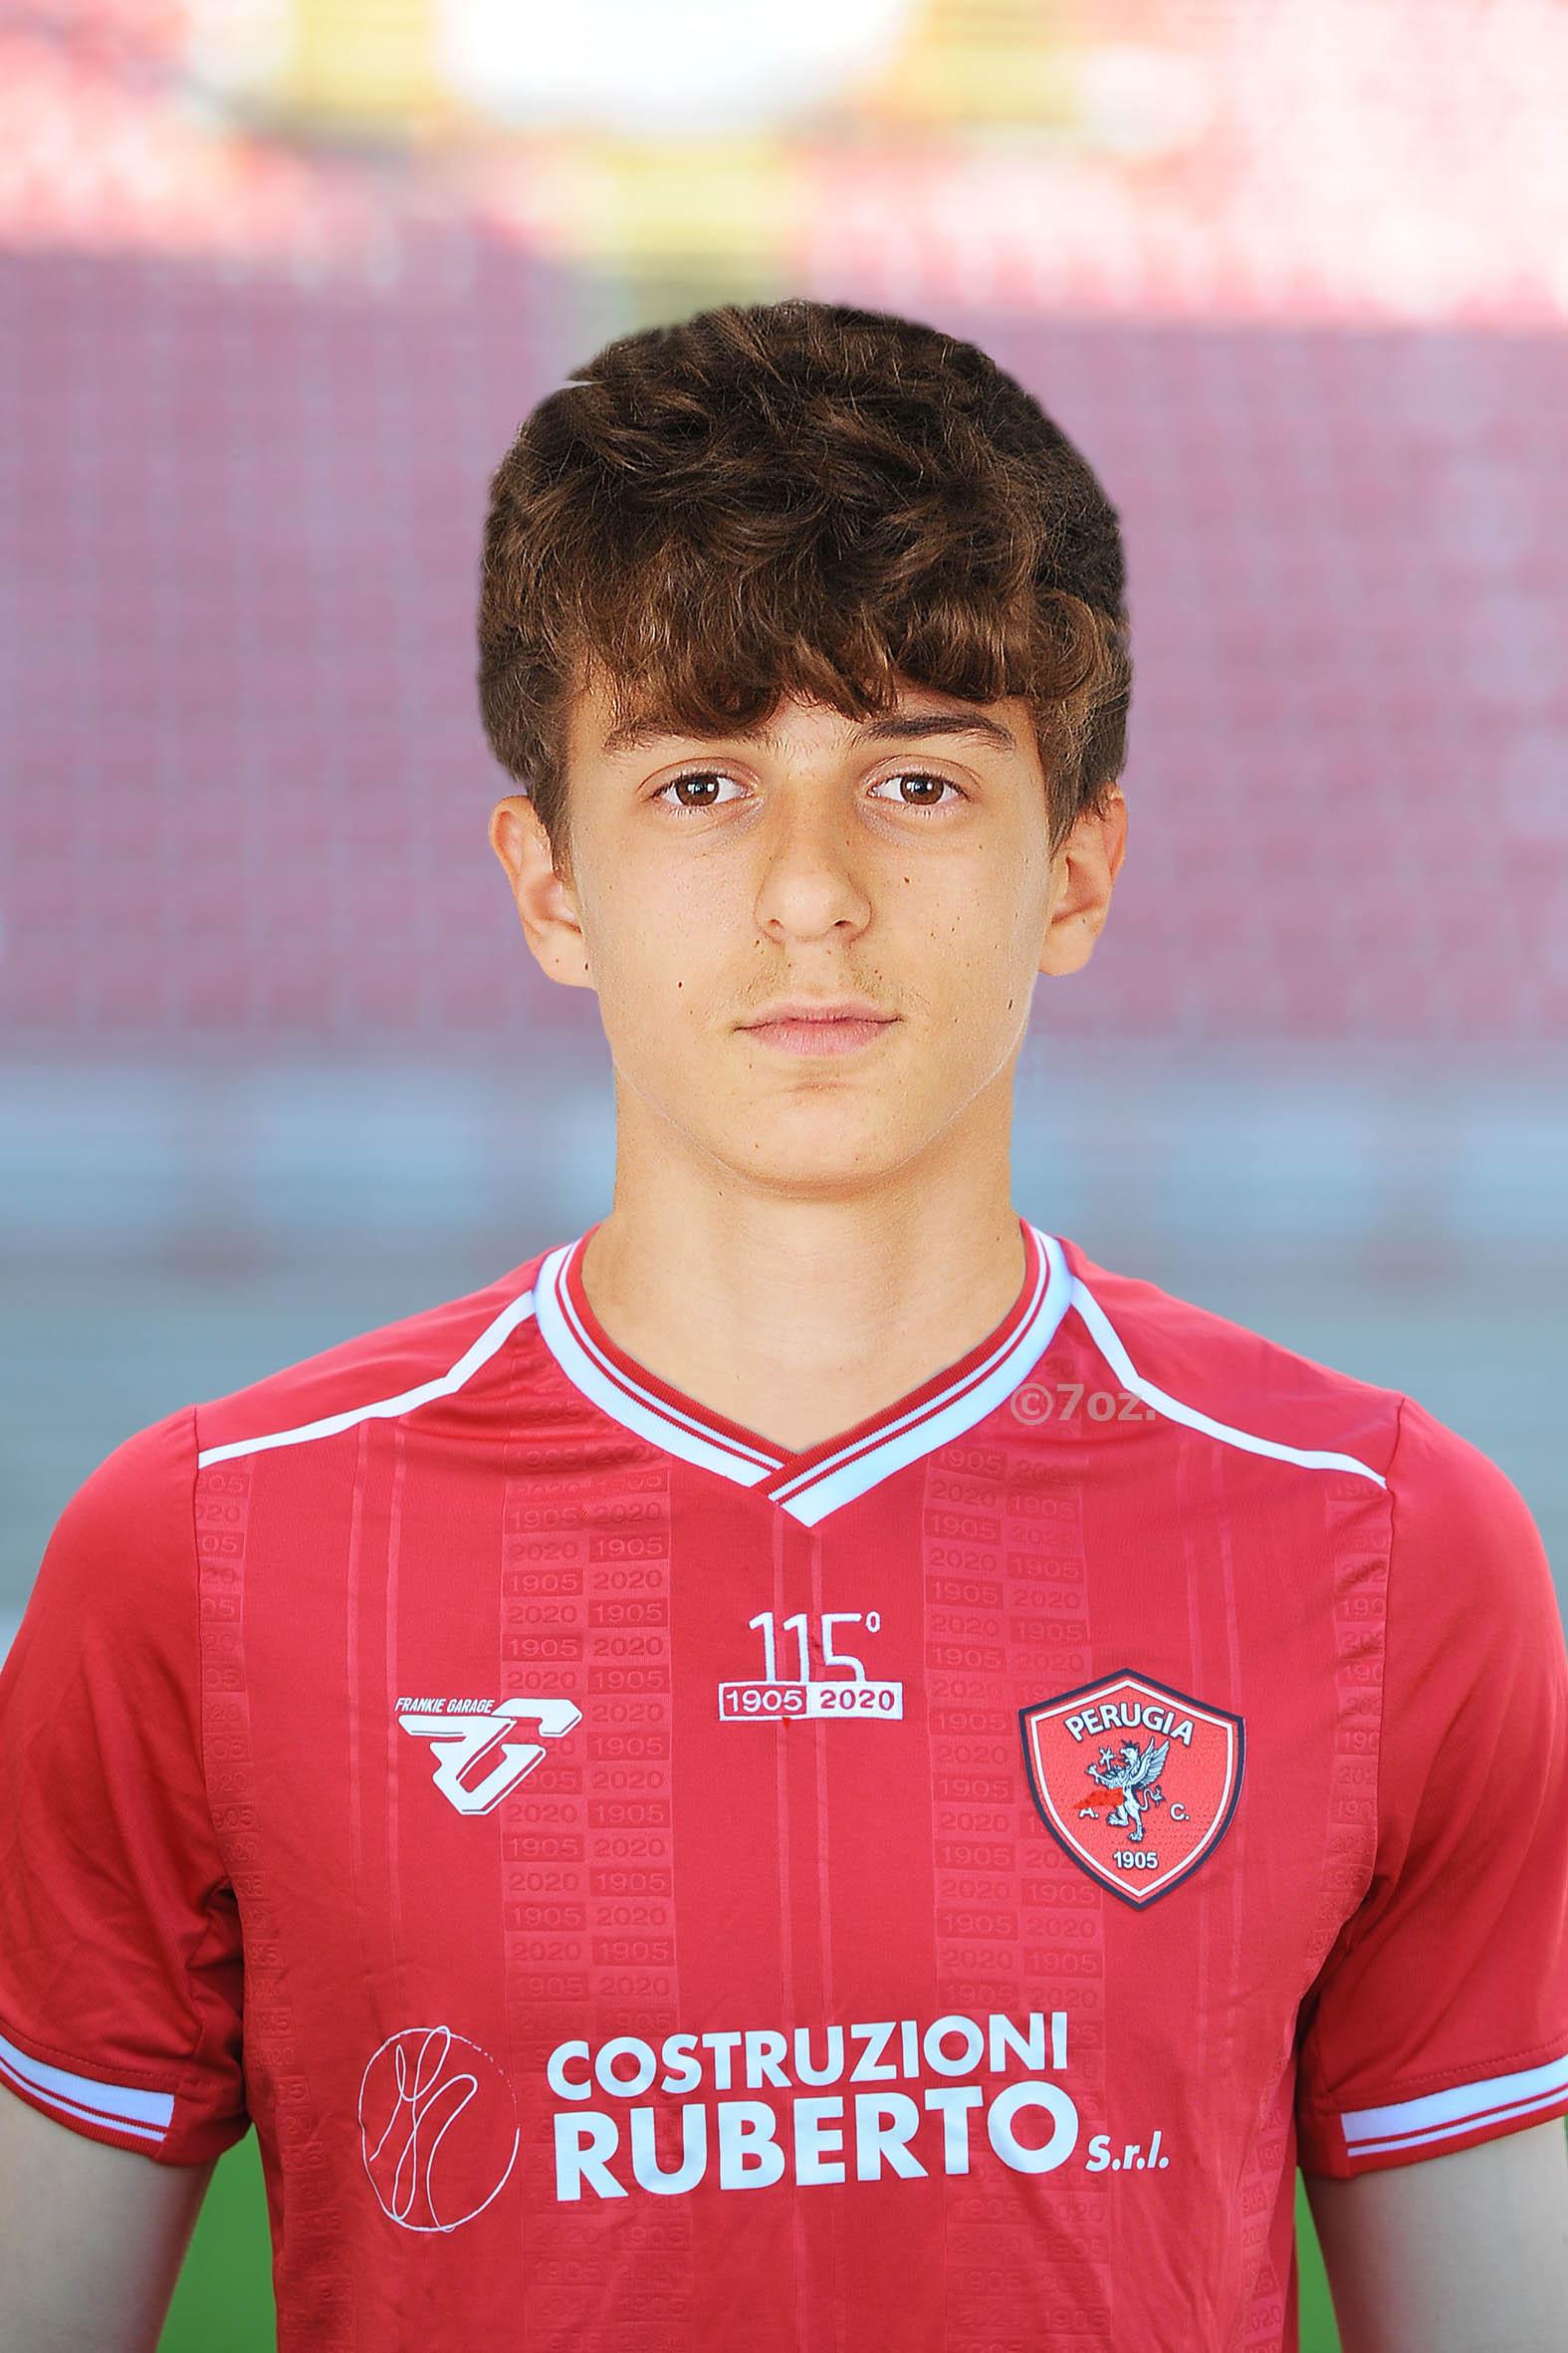 Antonio GaudiniDifensore- A.C. Perugia Calcio